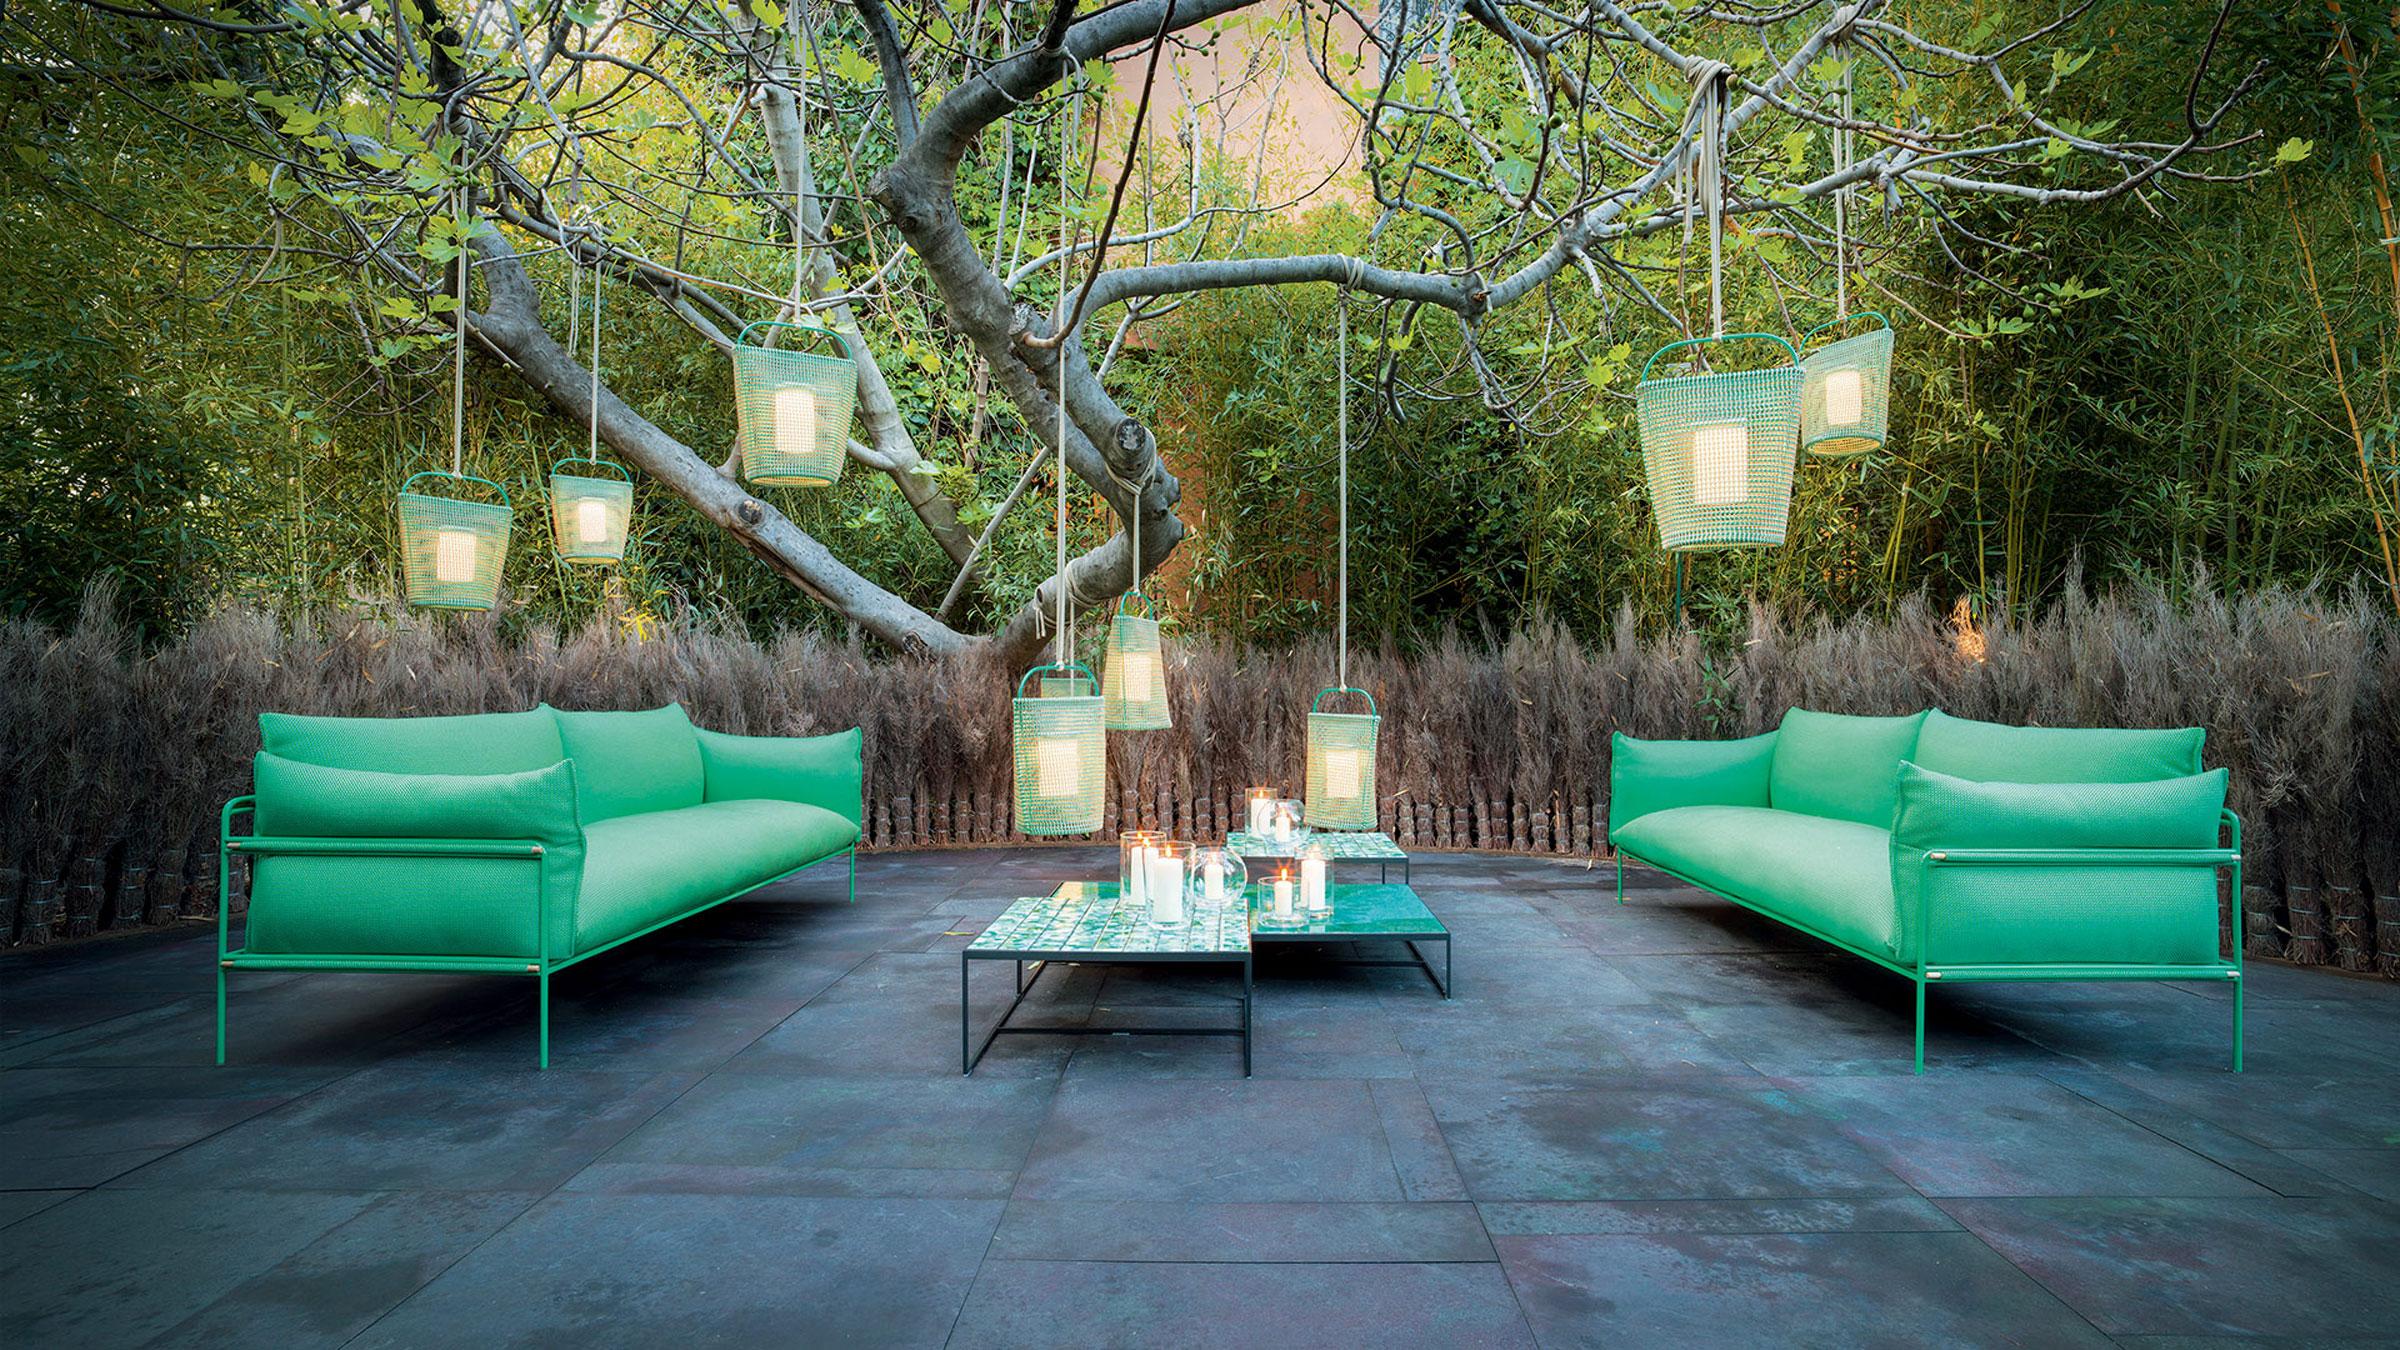 hauser-design-paola-lenti-sofa-portofino-in-grün